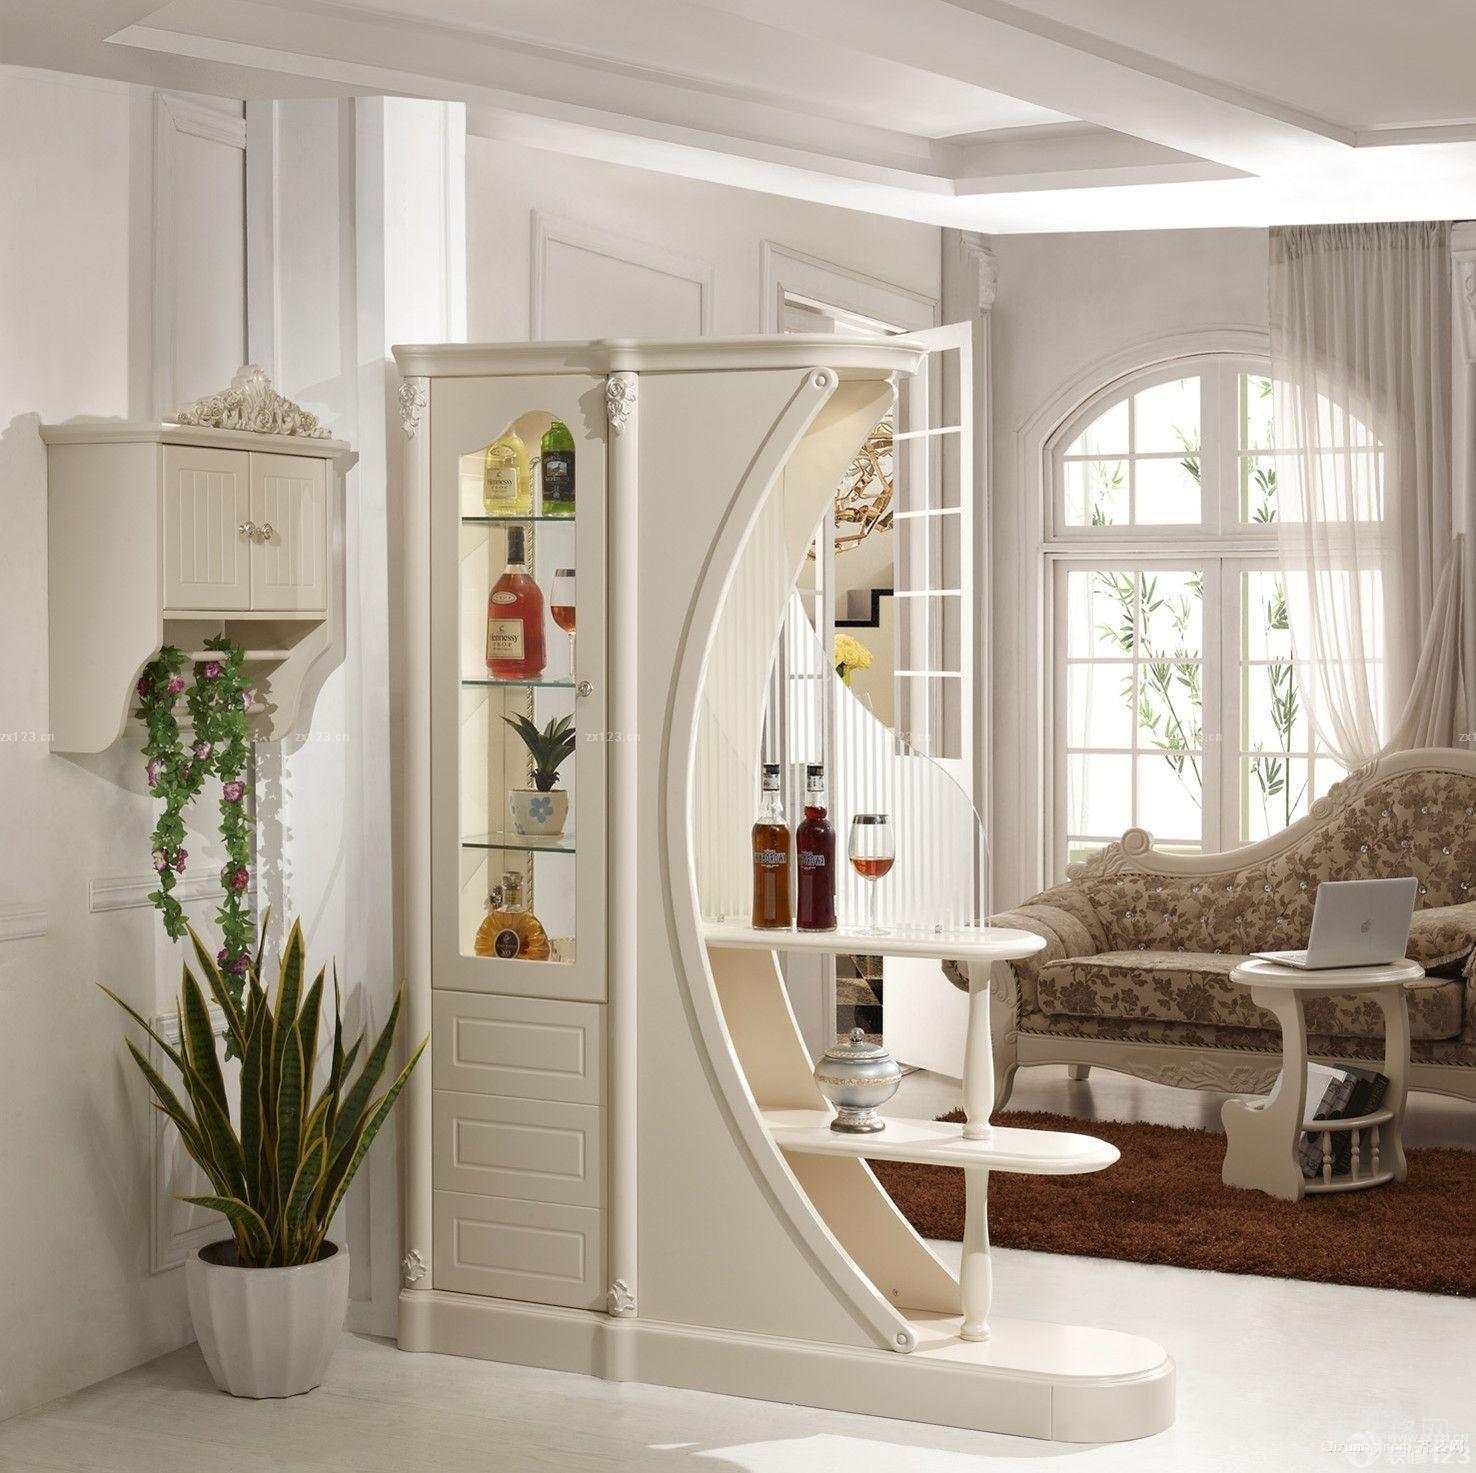 120平米大户型现代欧式客厅酒柜装修效果图